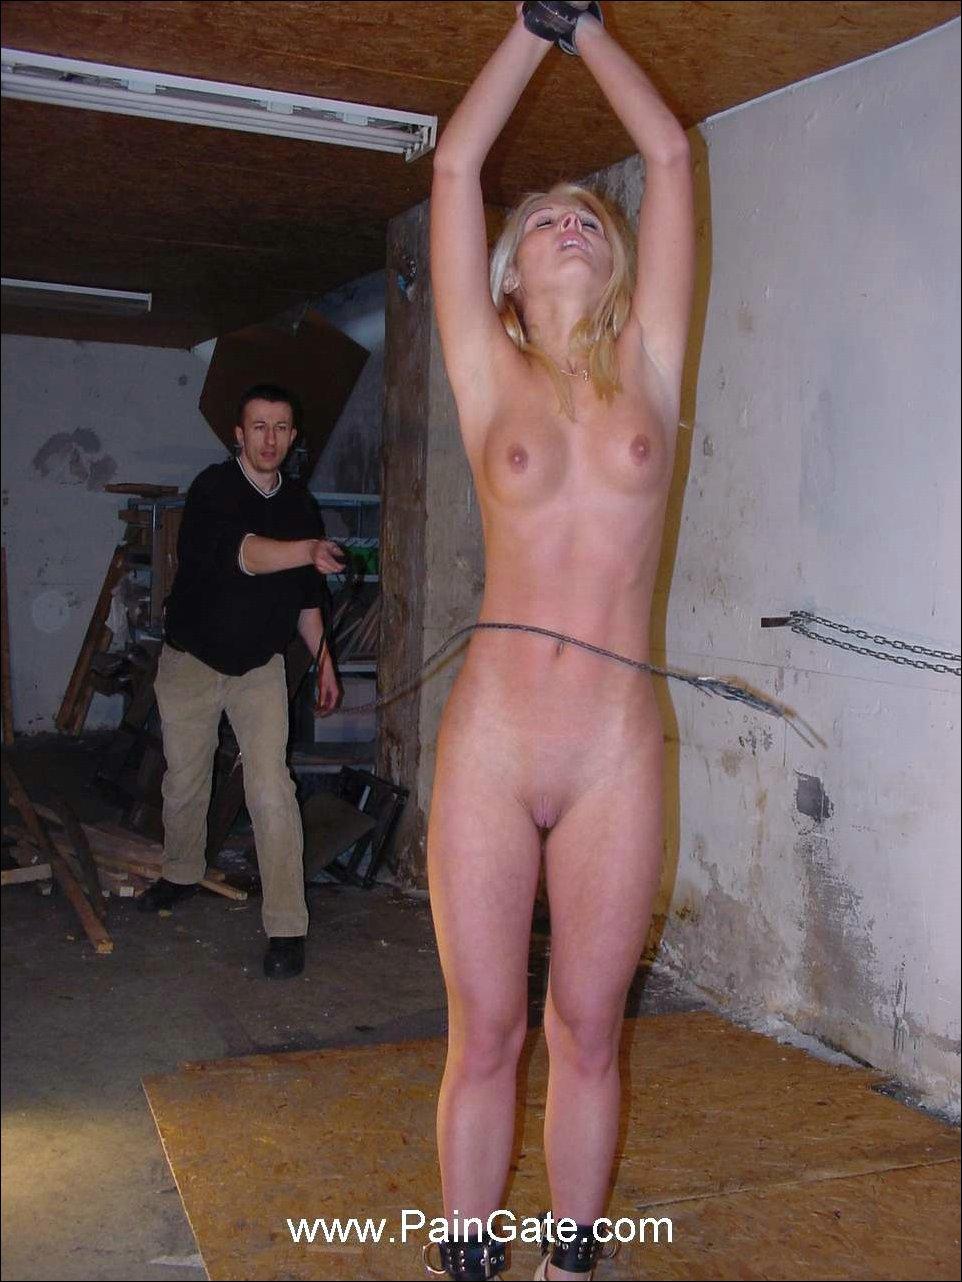 italian naked free women pics